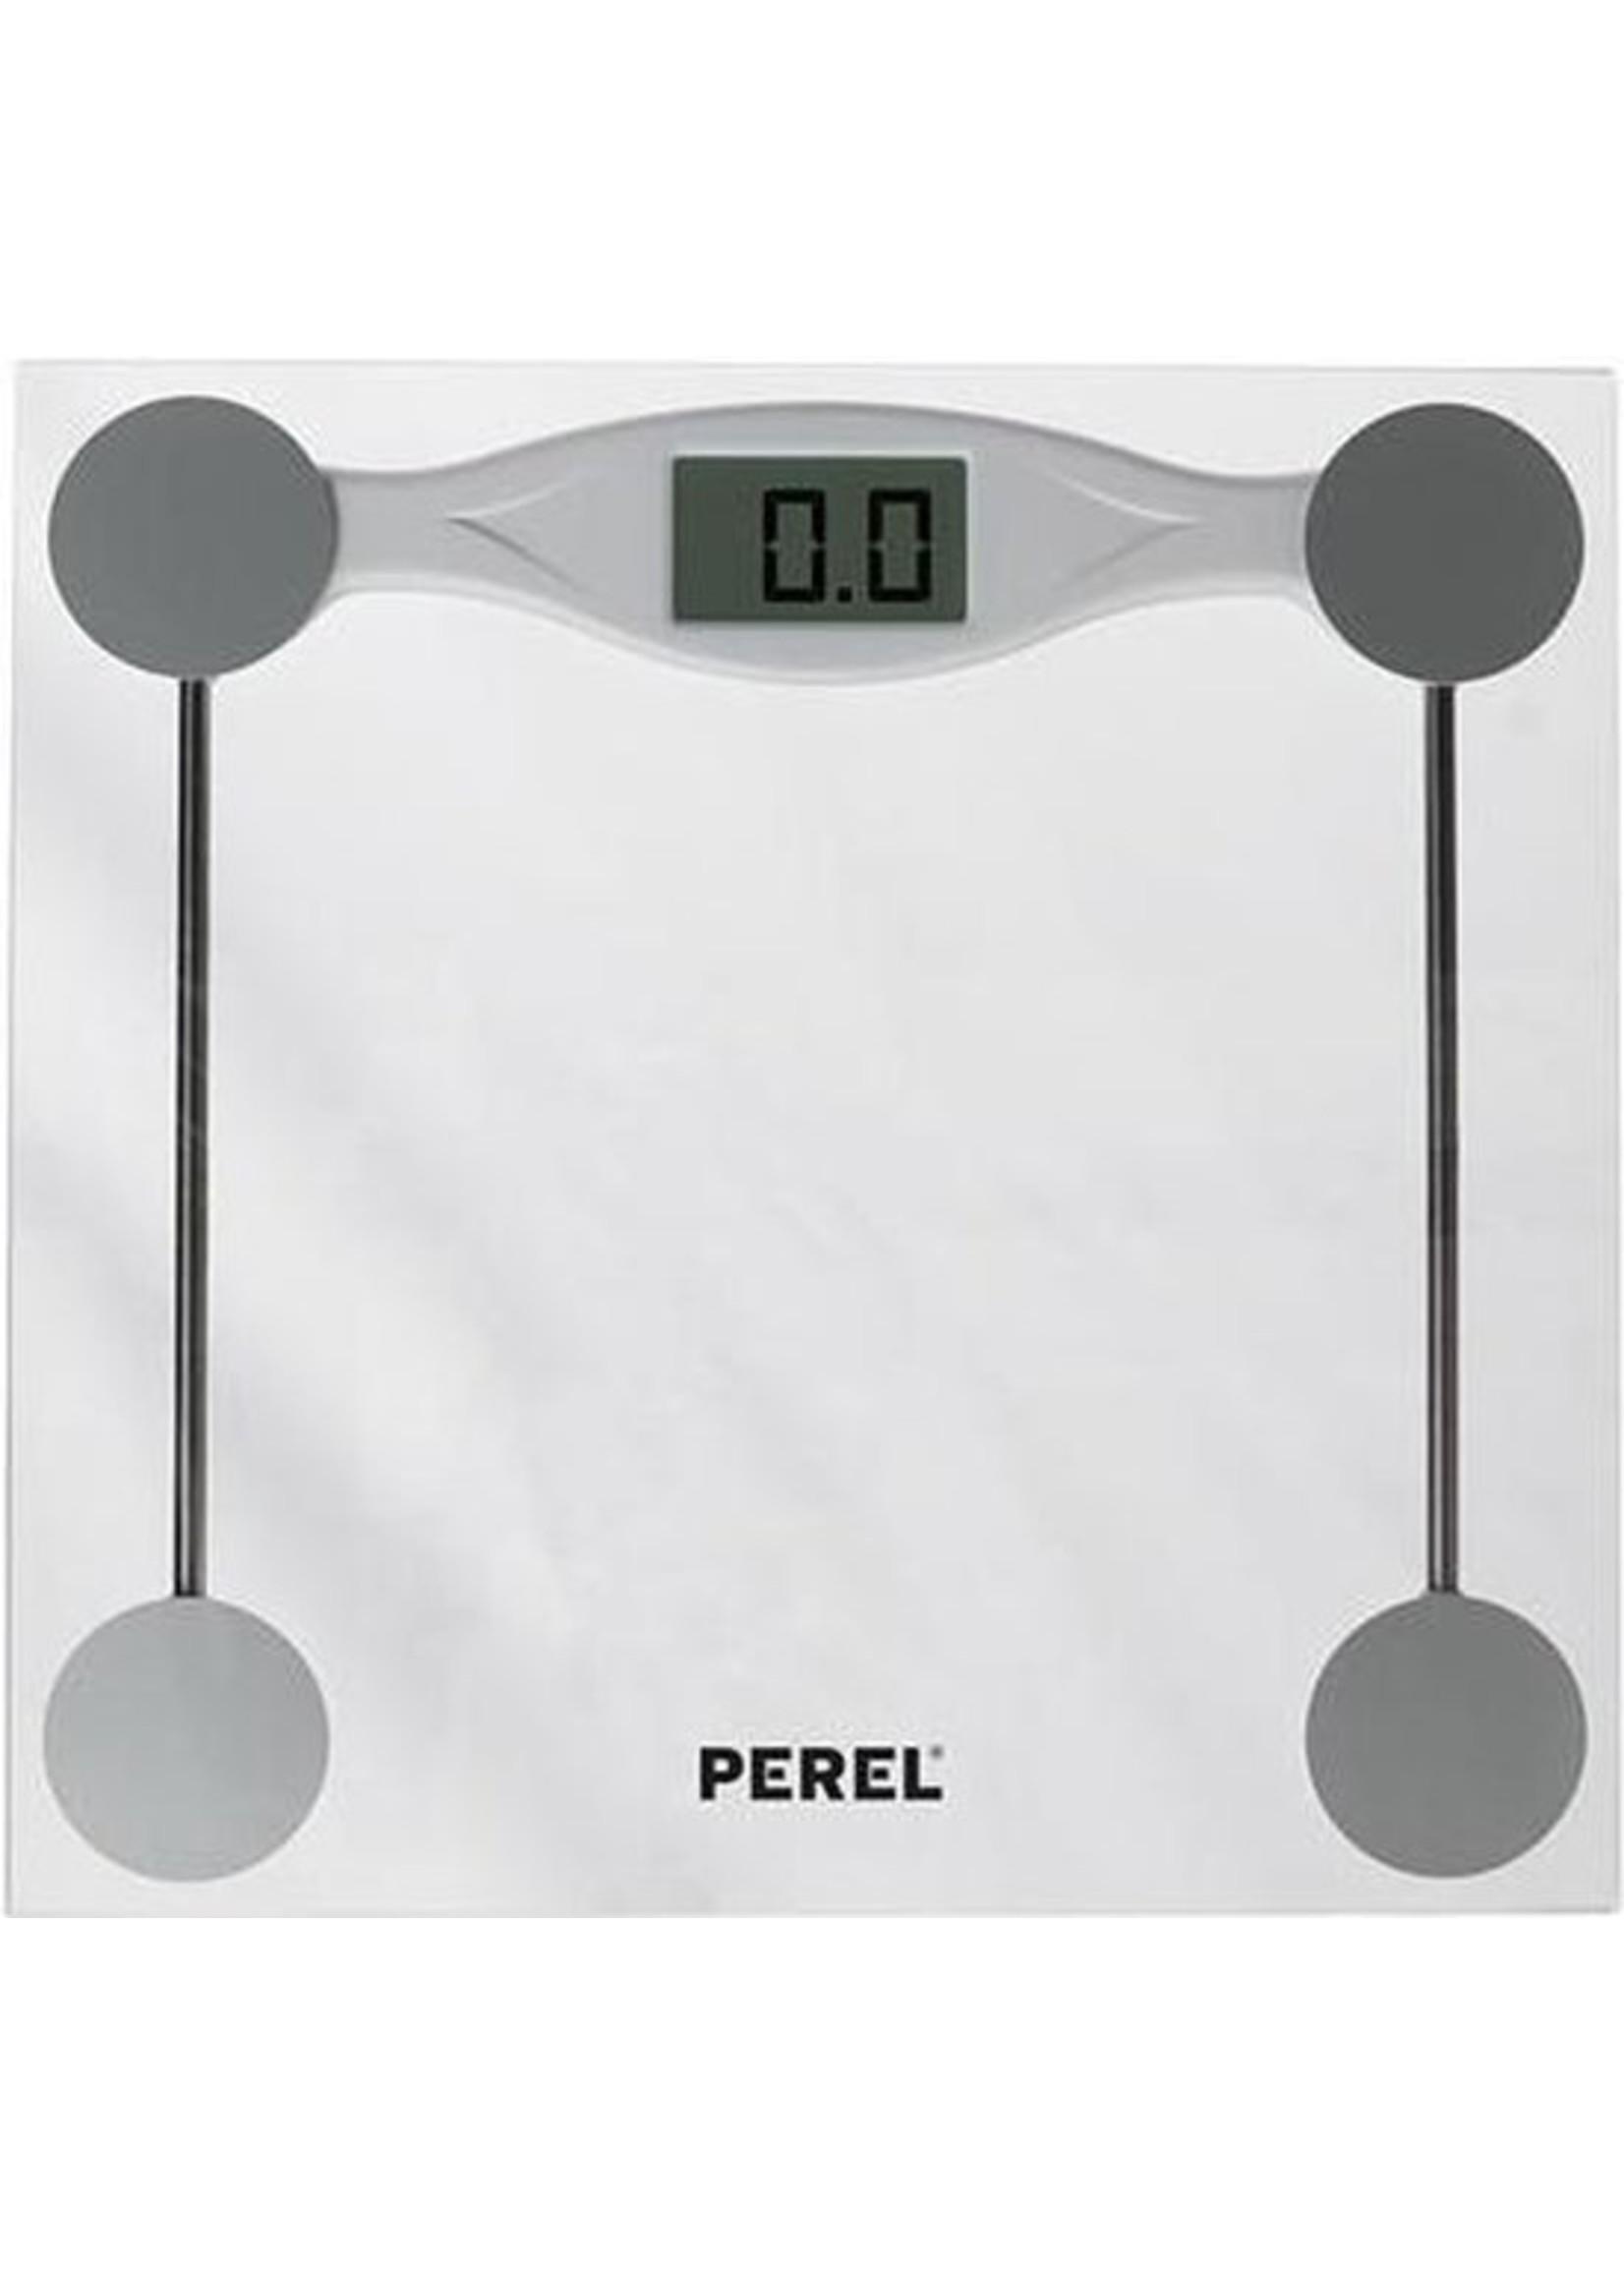 Perel DIGITALE PERSONENWEEGSCHAAL - 180 kg / 100 g